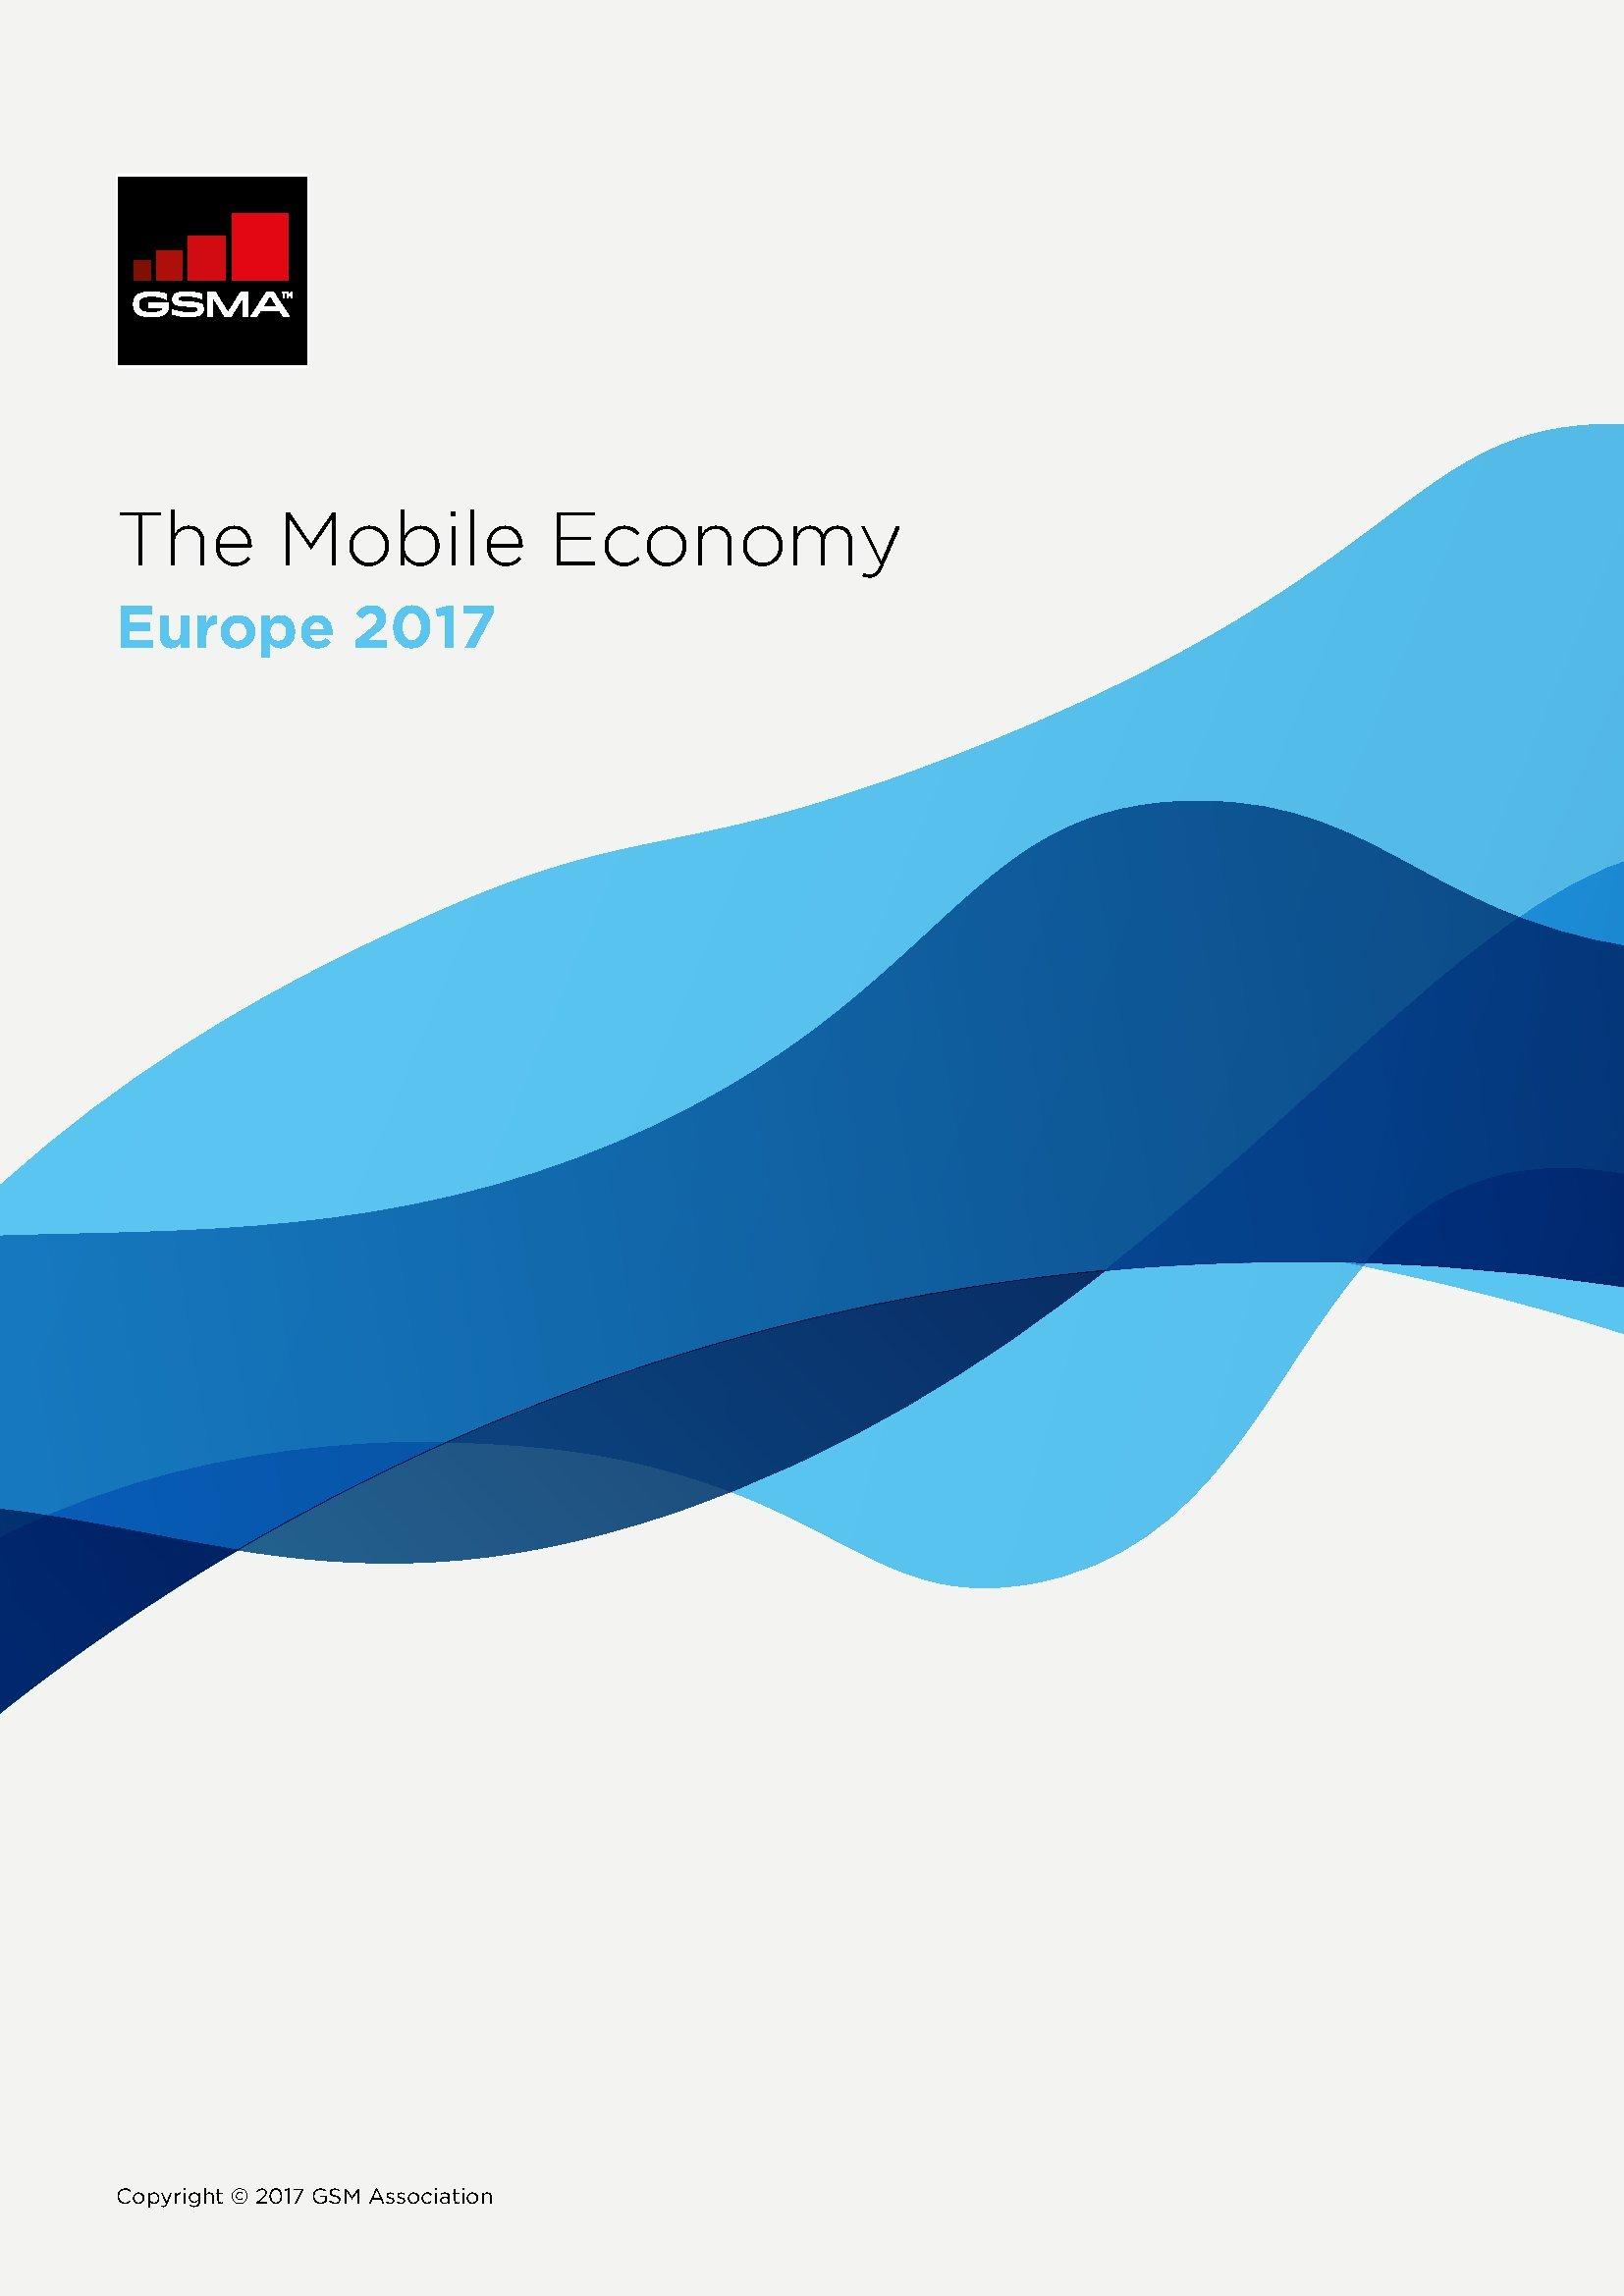 GSMA:2017年欧洲移动经济报告